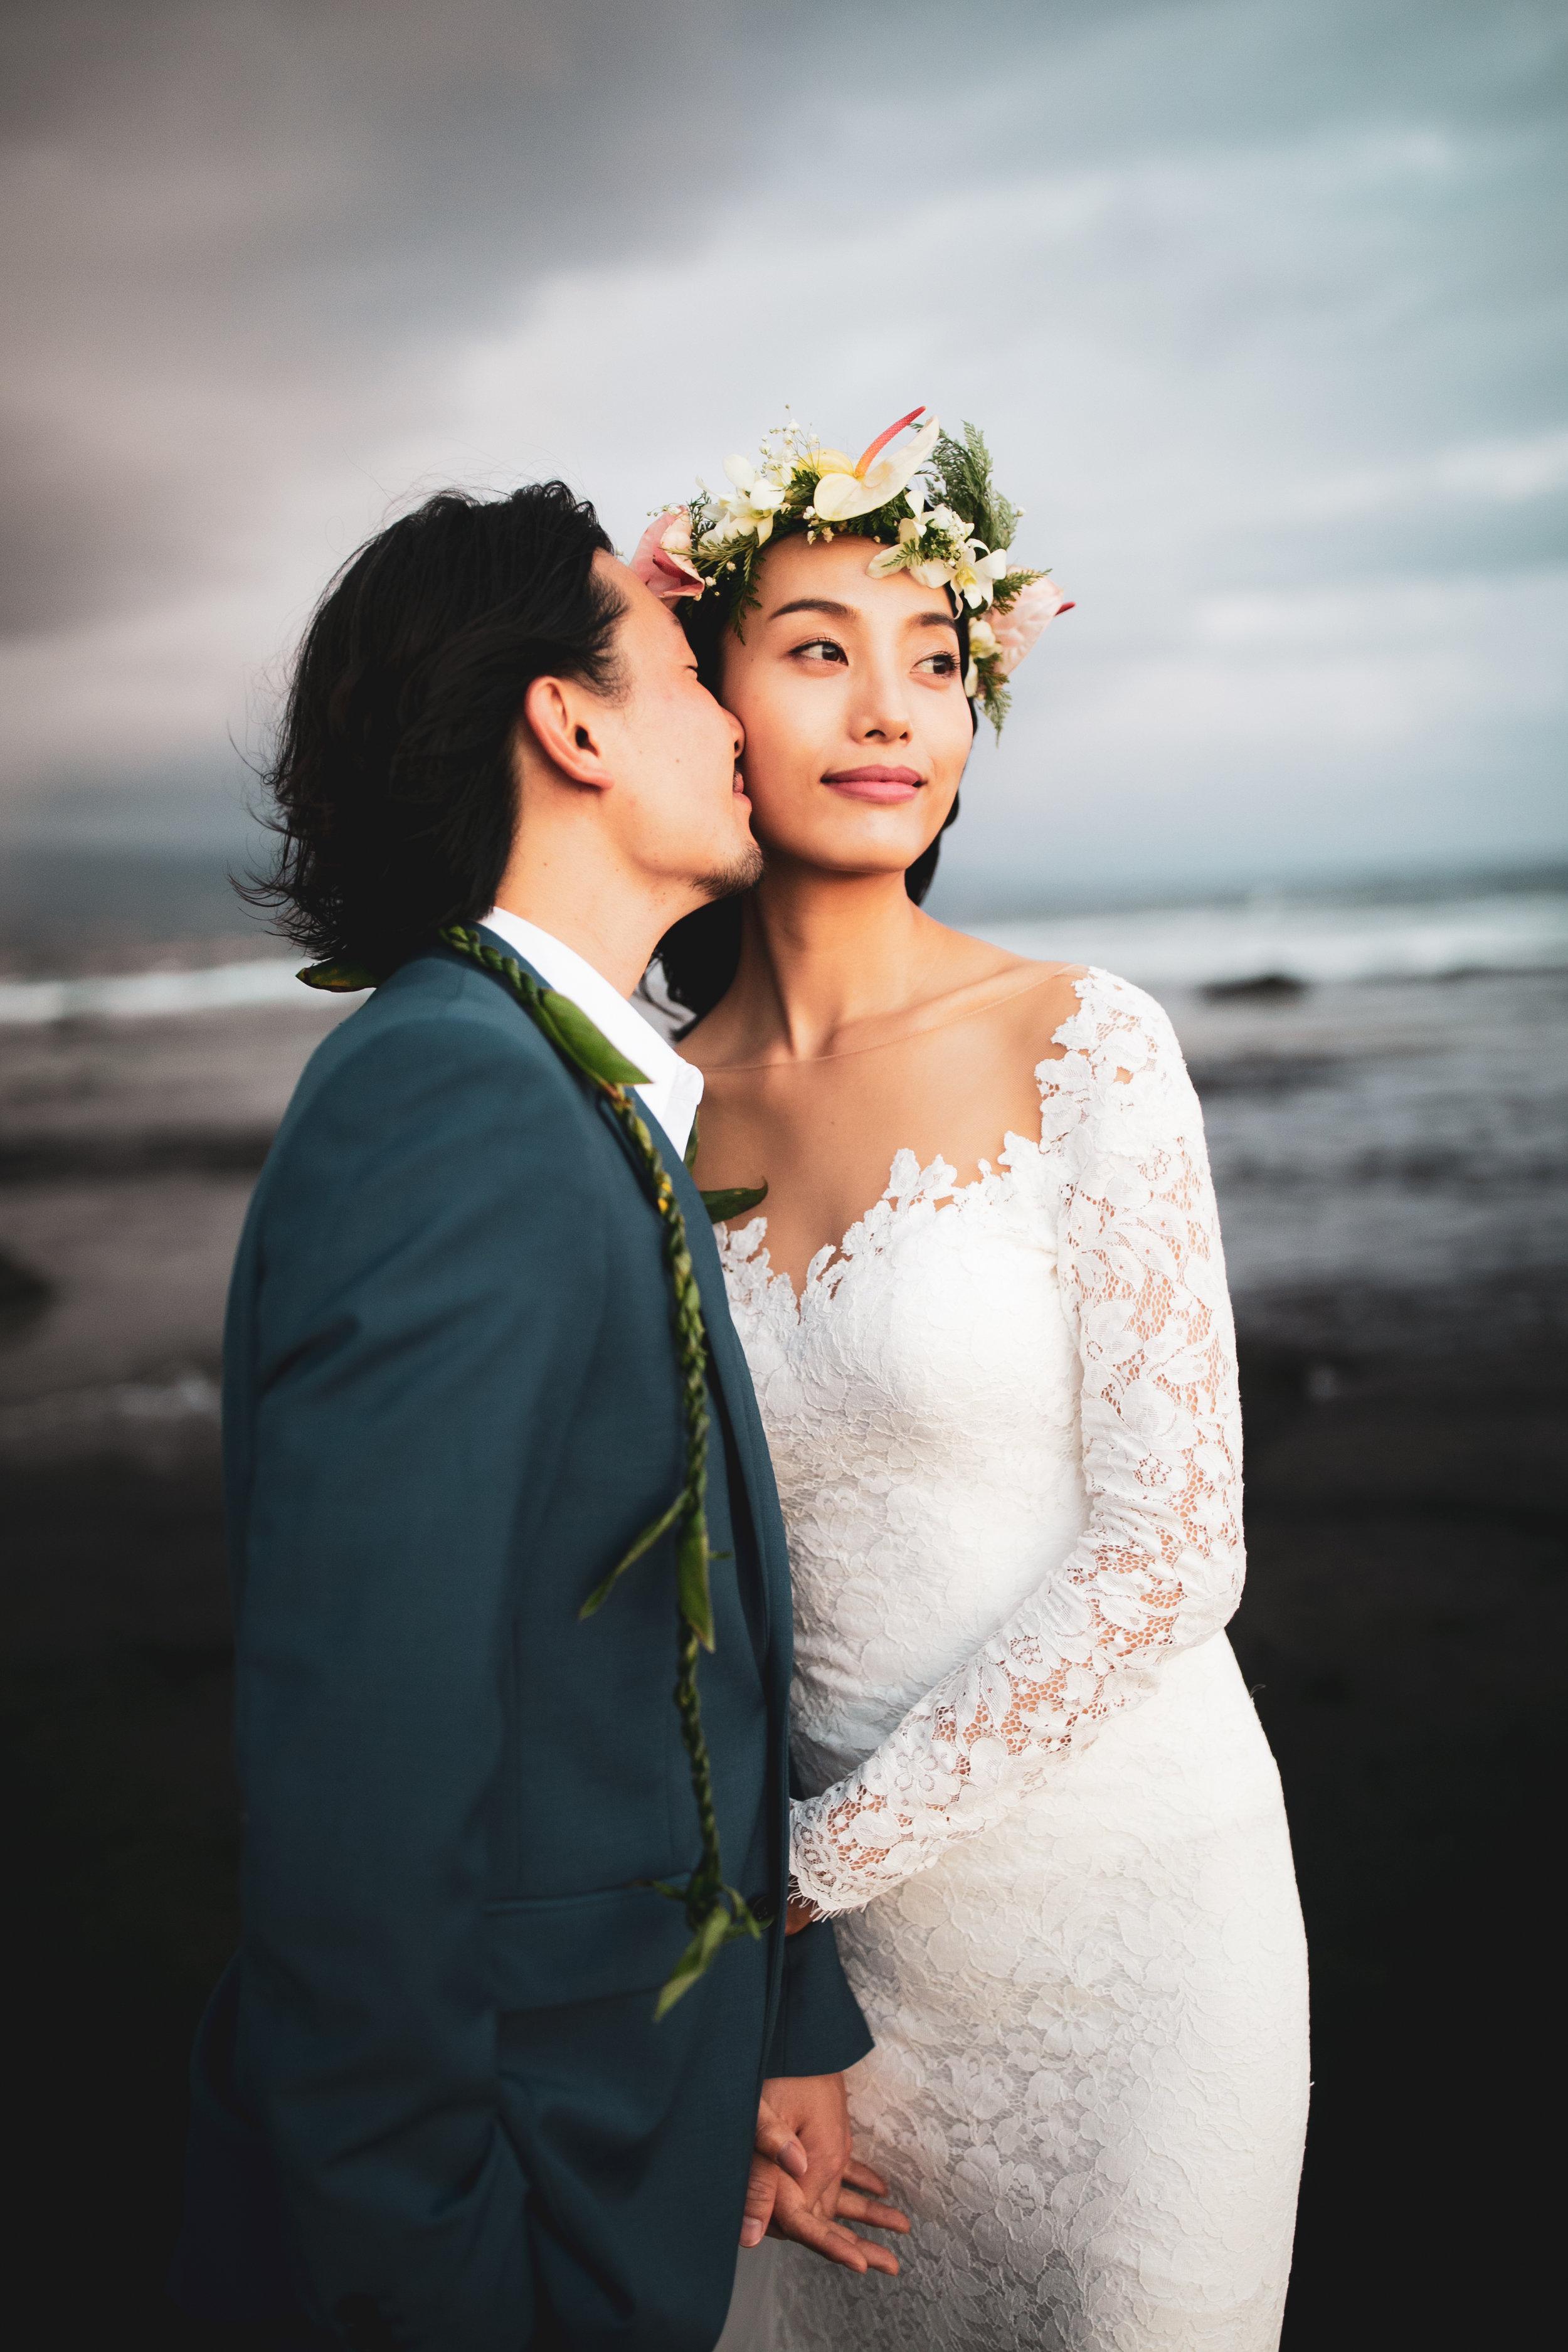 big island hawaii kelilina photography 20190711191317-1.jpg